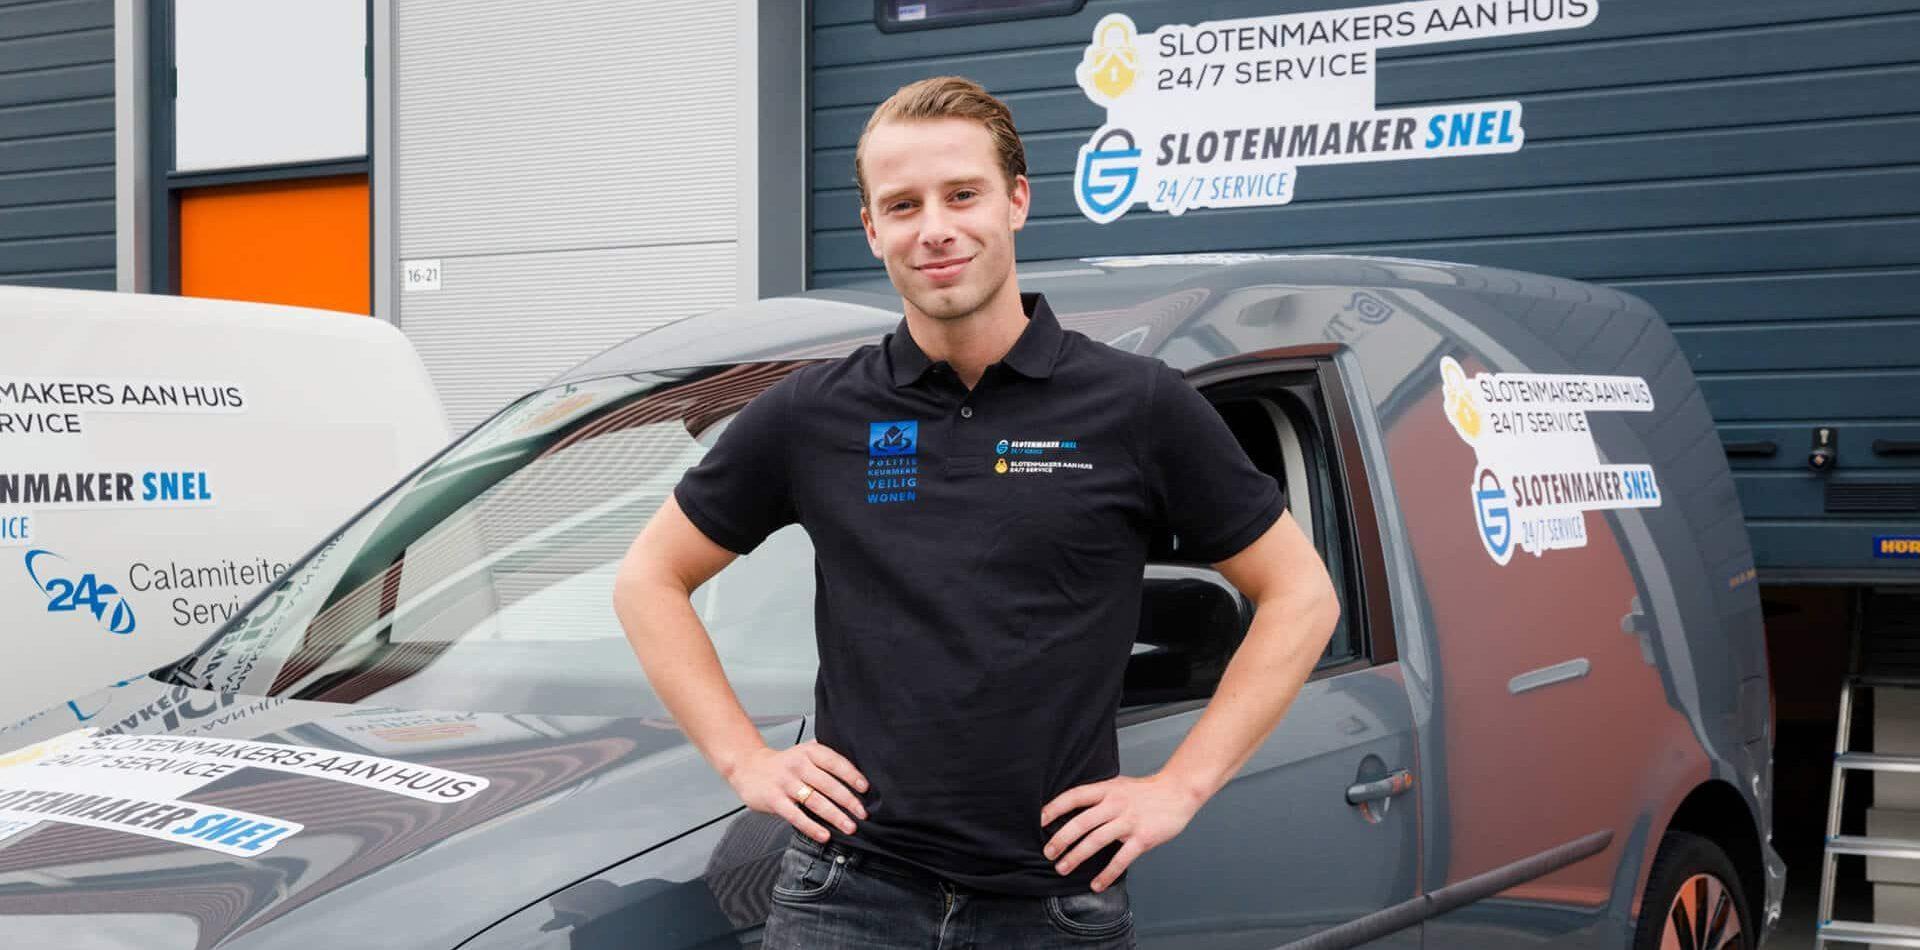 Slotenmaker Etten-Leur (6)